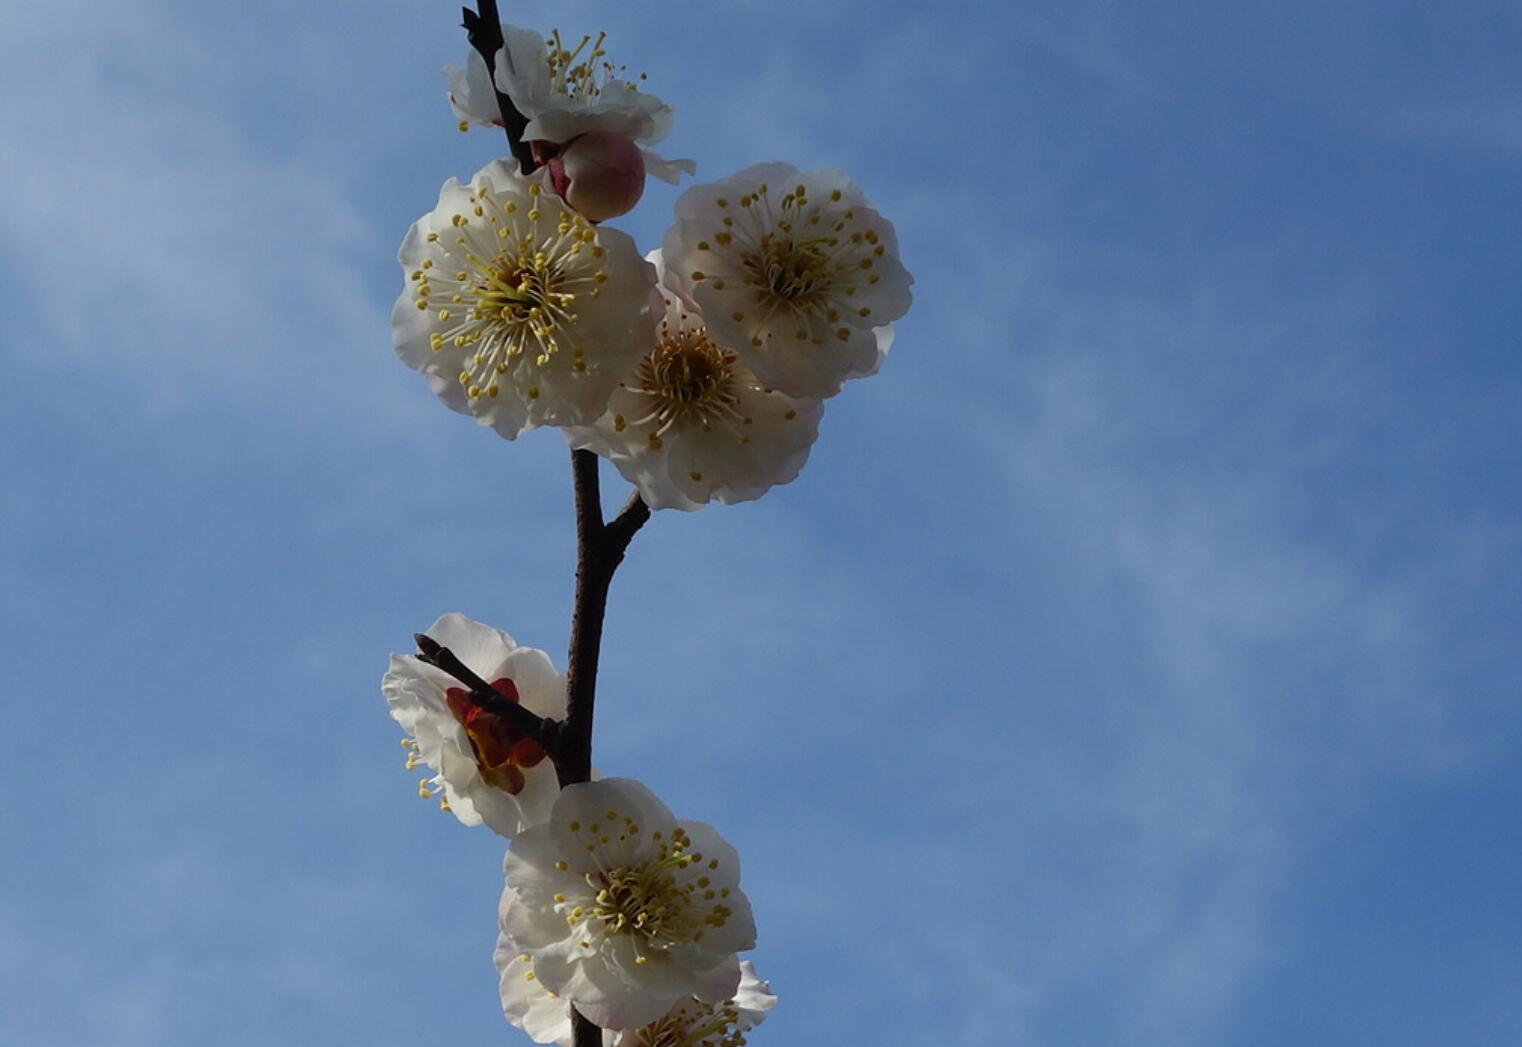 无锡梅园的梅花06.jpg